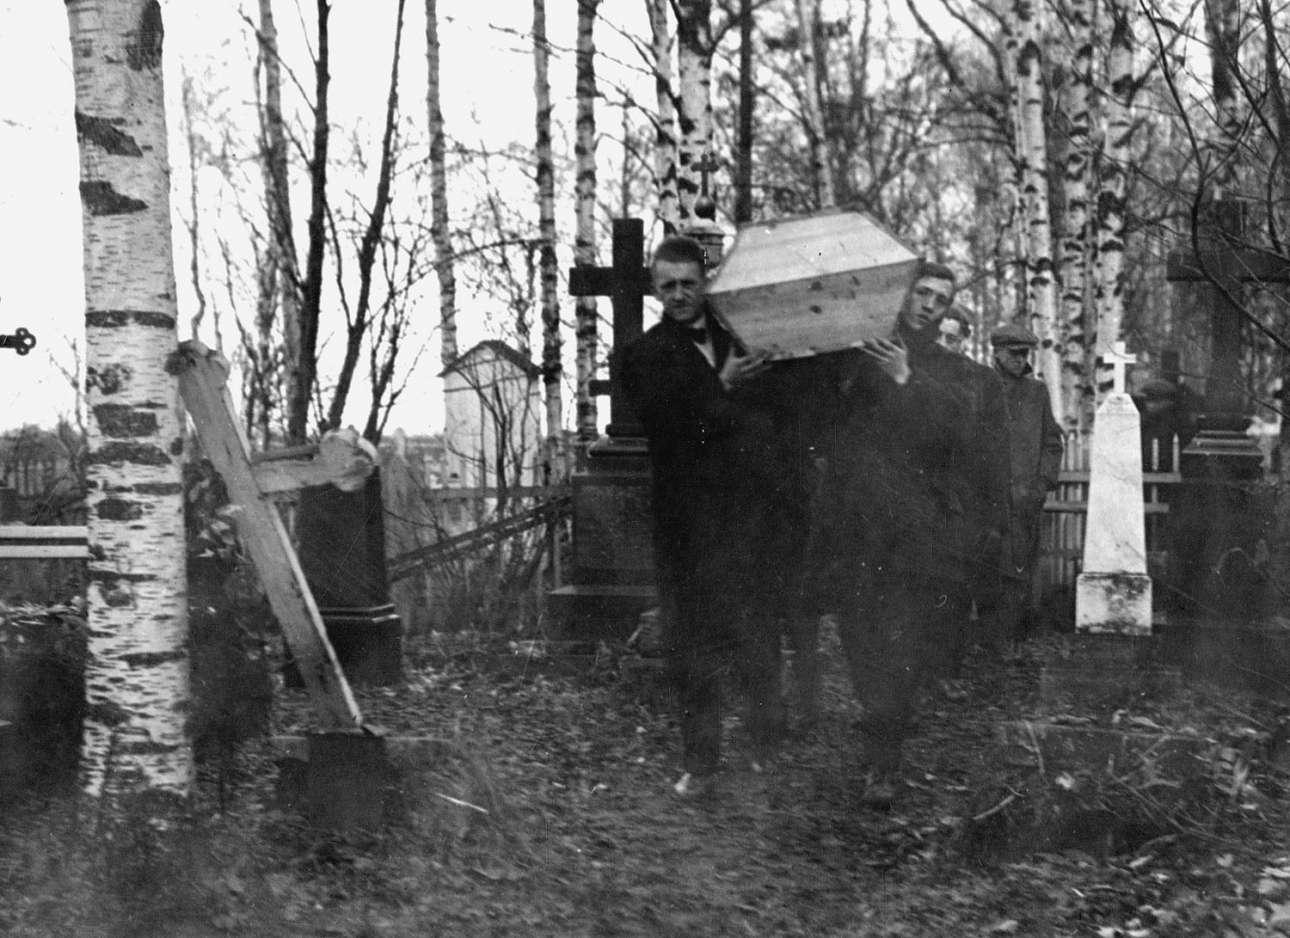 Φεβρουάριος 1919. Αμερικανοί στρατιώτες κηδεύουν έναν συνάδελφό τους, που δεν χάθηκε από σφαίρες αλλά από γρίπη